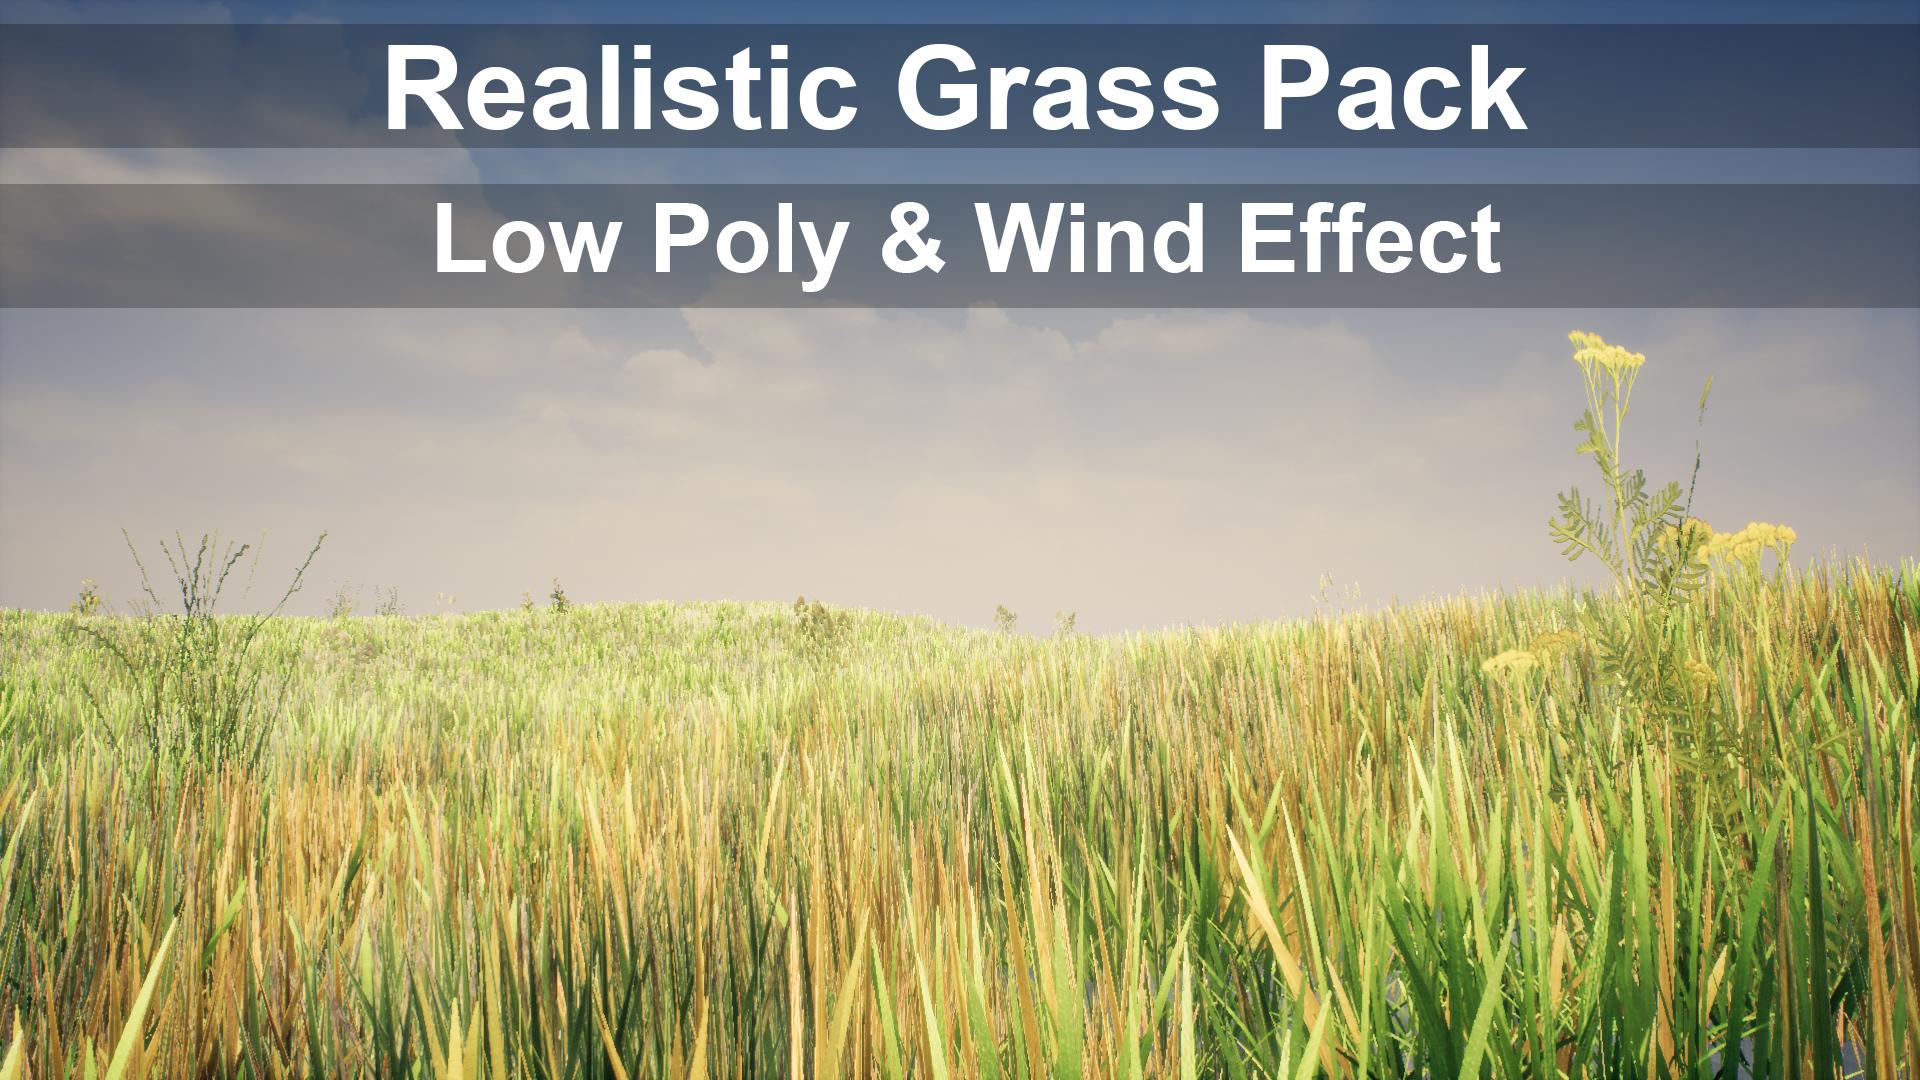 Ue4 Grass Pack